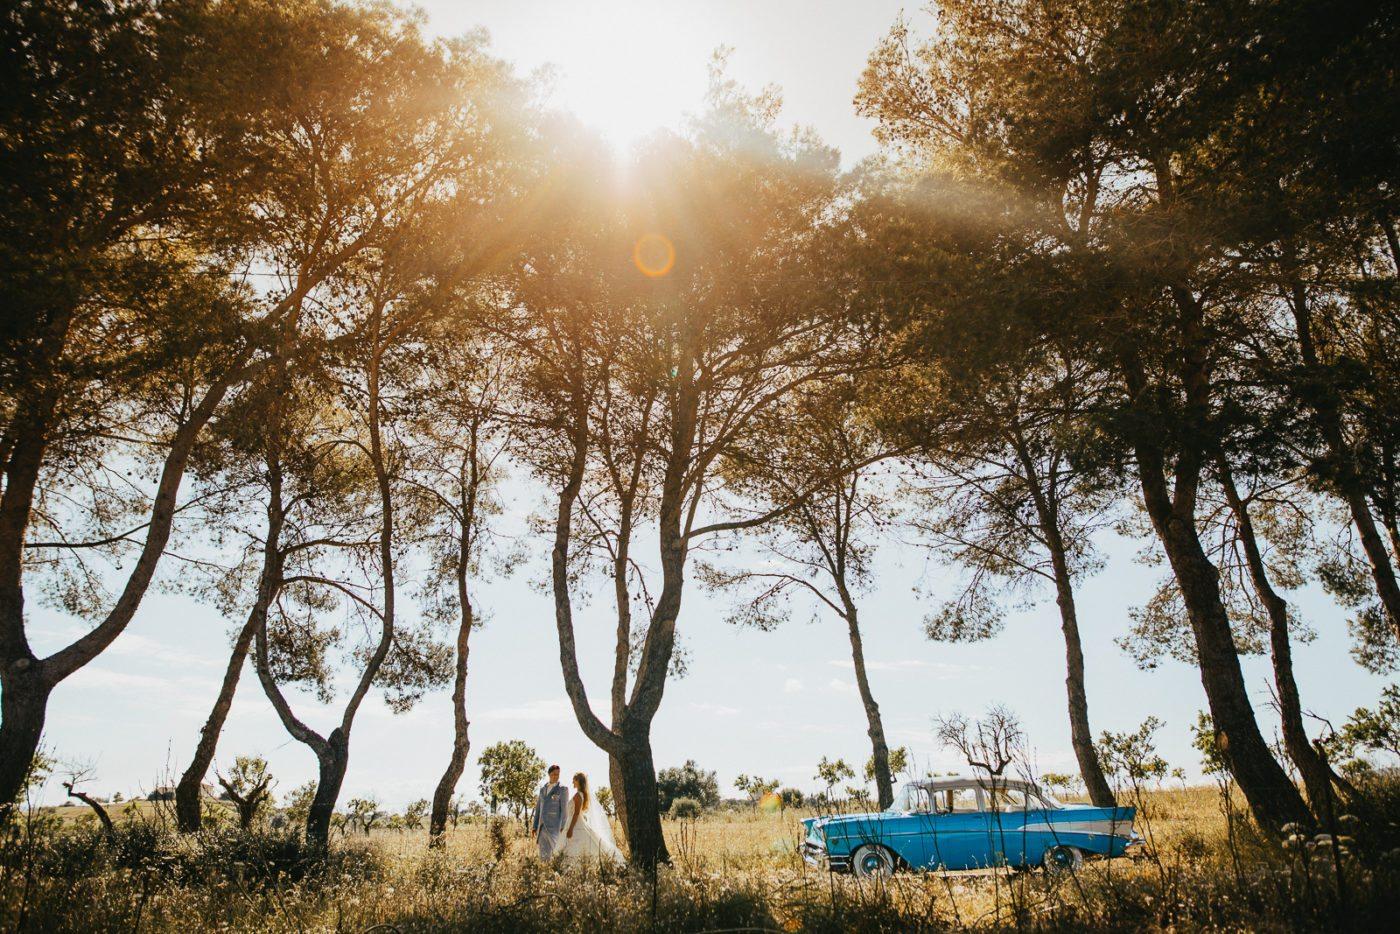 Das Hochzeitspaar in der Natur Mallorcas mit einem blauen Oldtimer als Hochzeitsauto